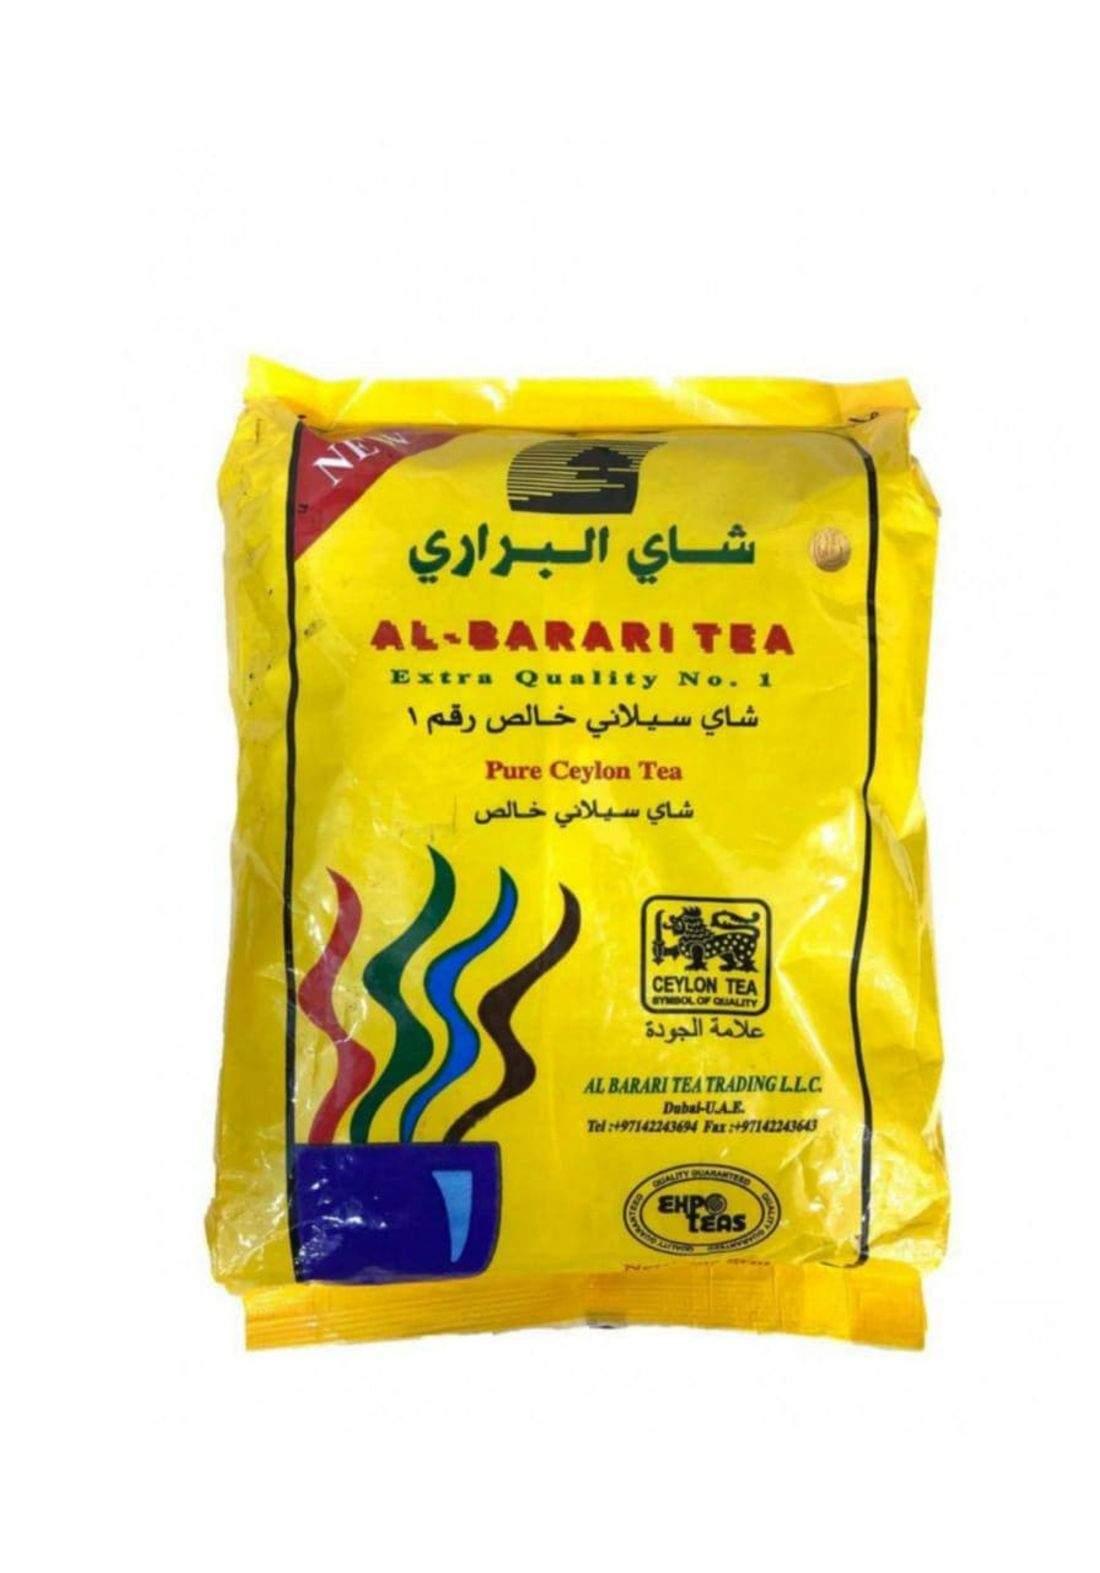 AL-barari tea 200g شاي البراري